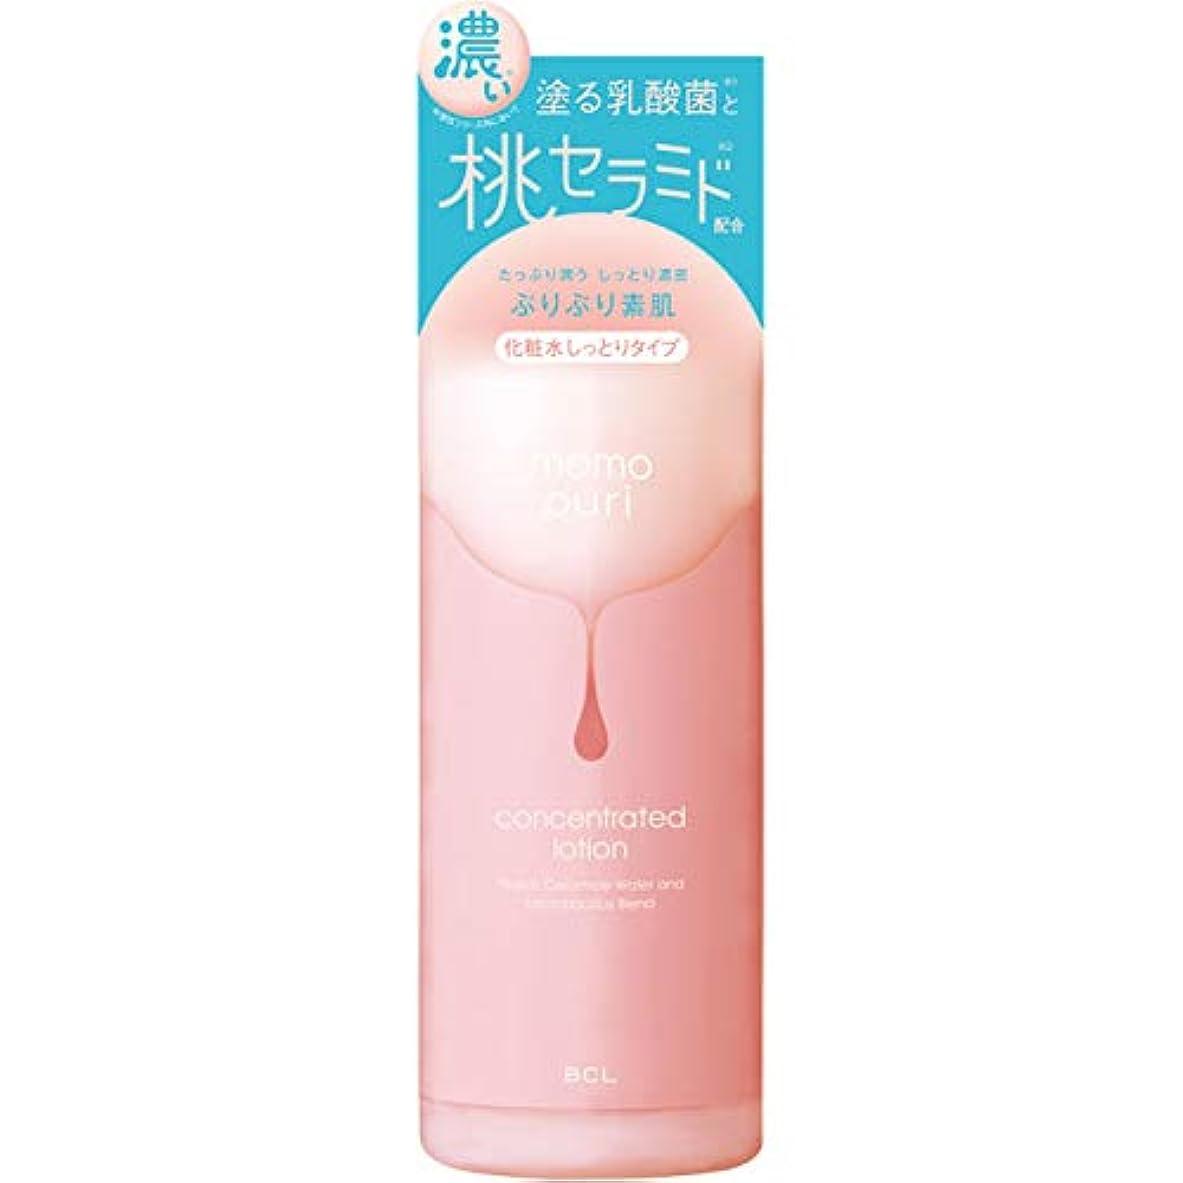 劇場勧告争う【2個セット】ももぷり 潤い濃密化粧水 200ml